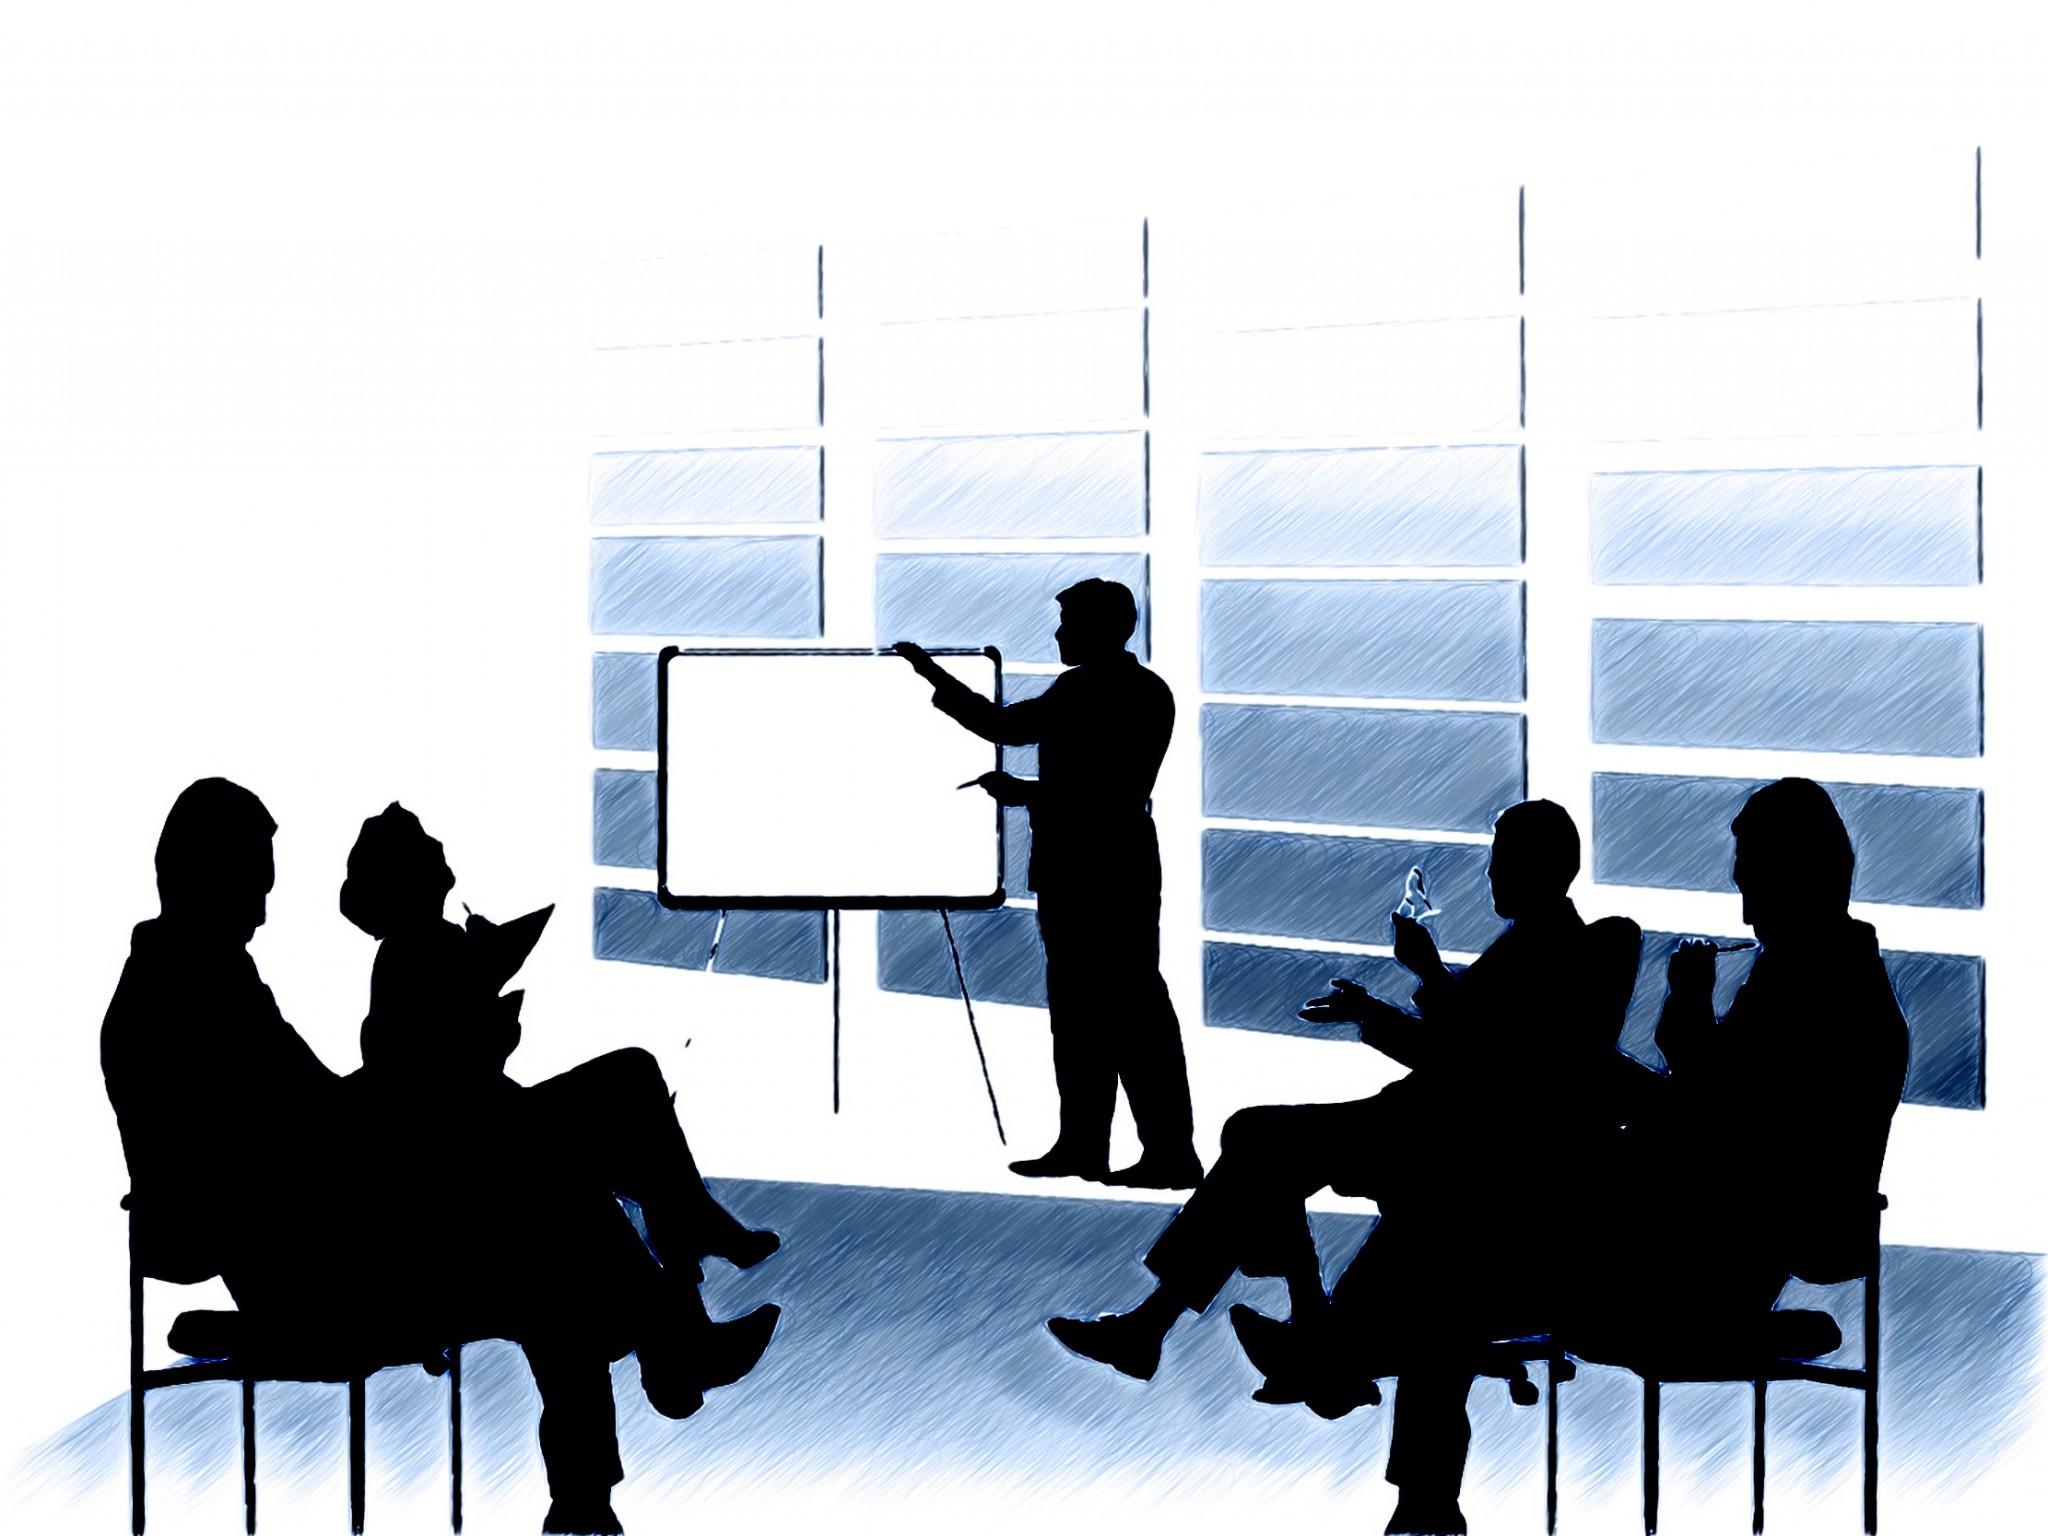 Khi nào công ty phải tiến hành triệu tập cuộc họp Đại hội đồng cổ đông?